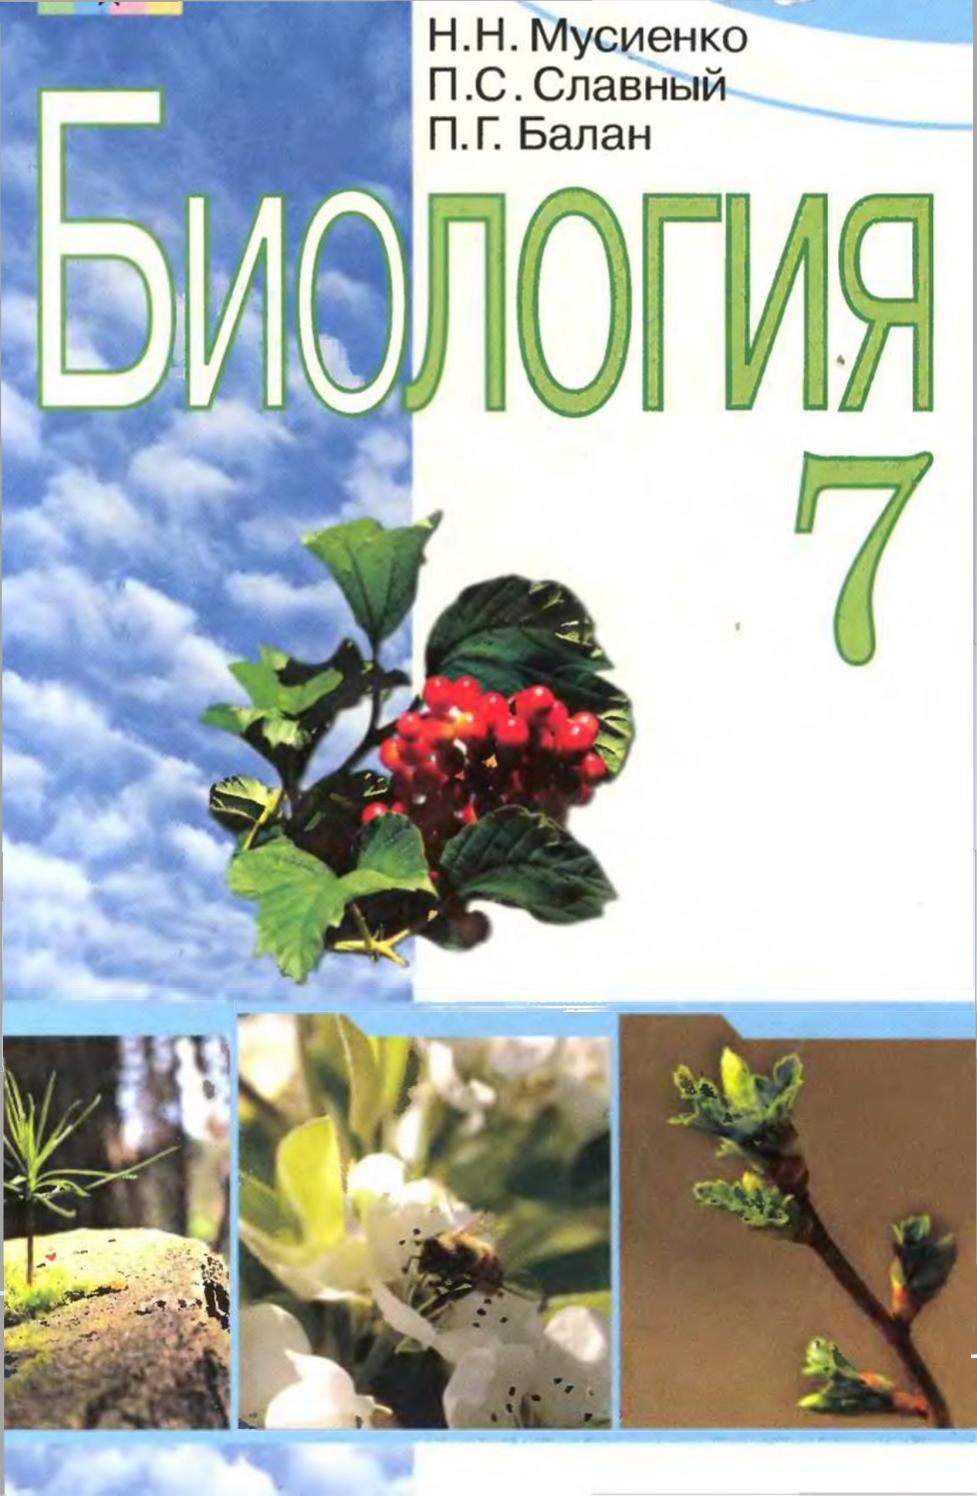 Цветковое растение с сильным ароматом 6 букв